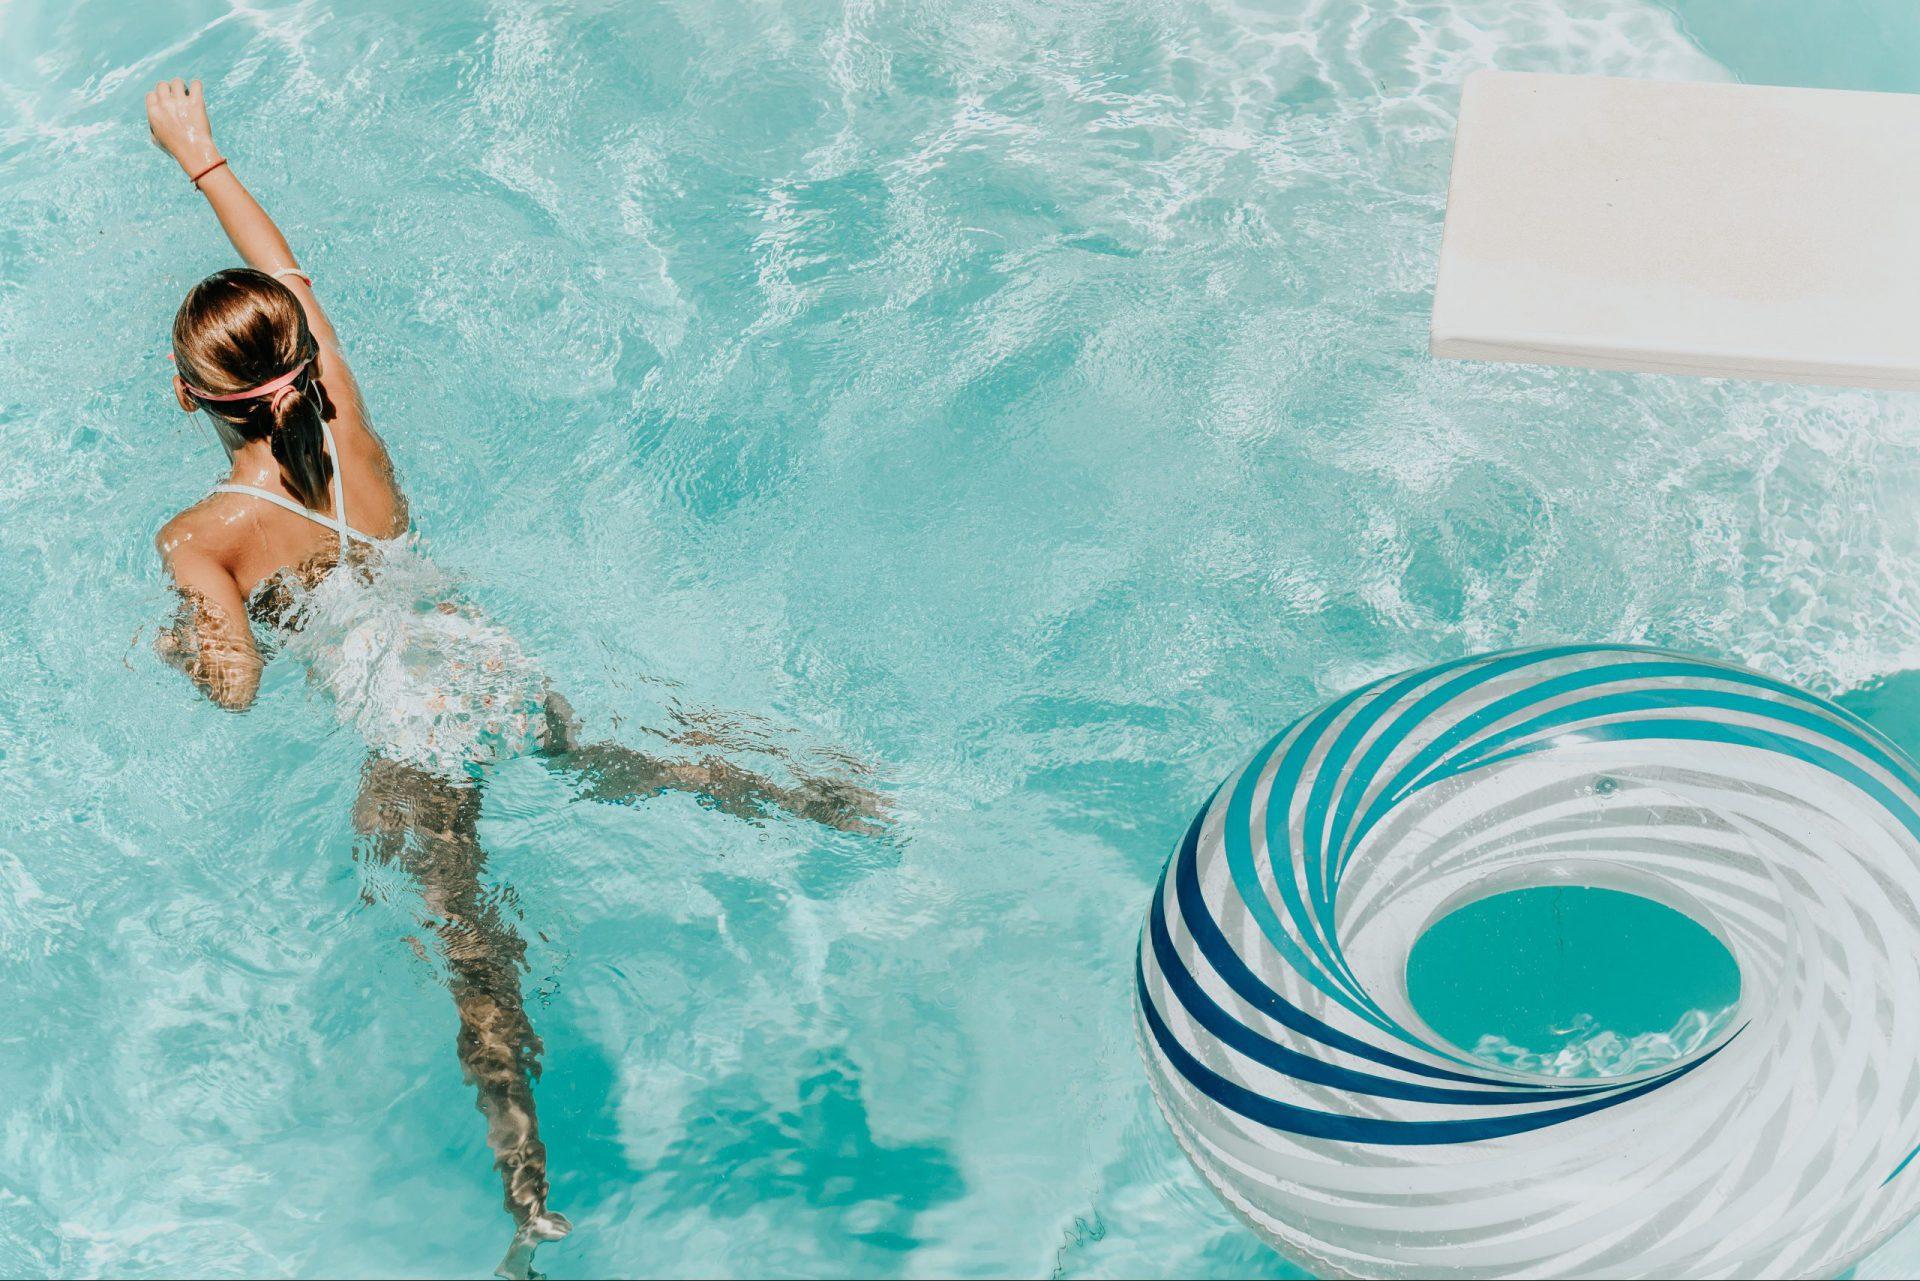 Mädchen im Schwimmbecken, das von Schwimmreifen wegschwimmt